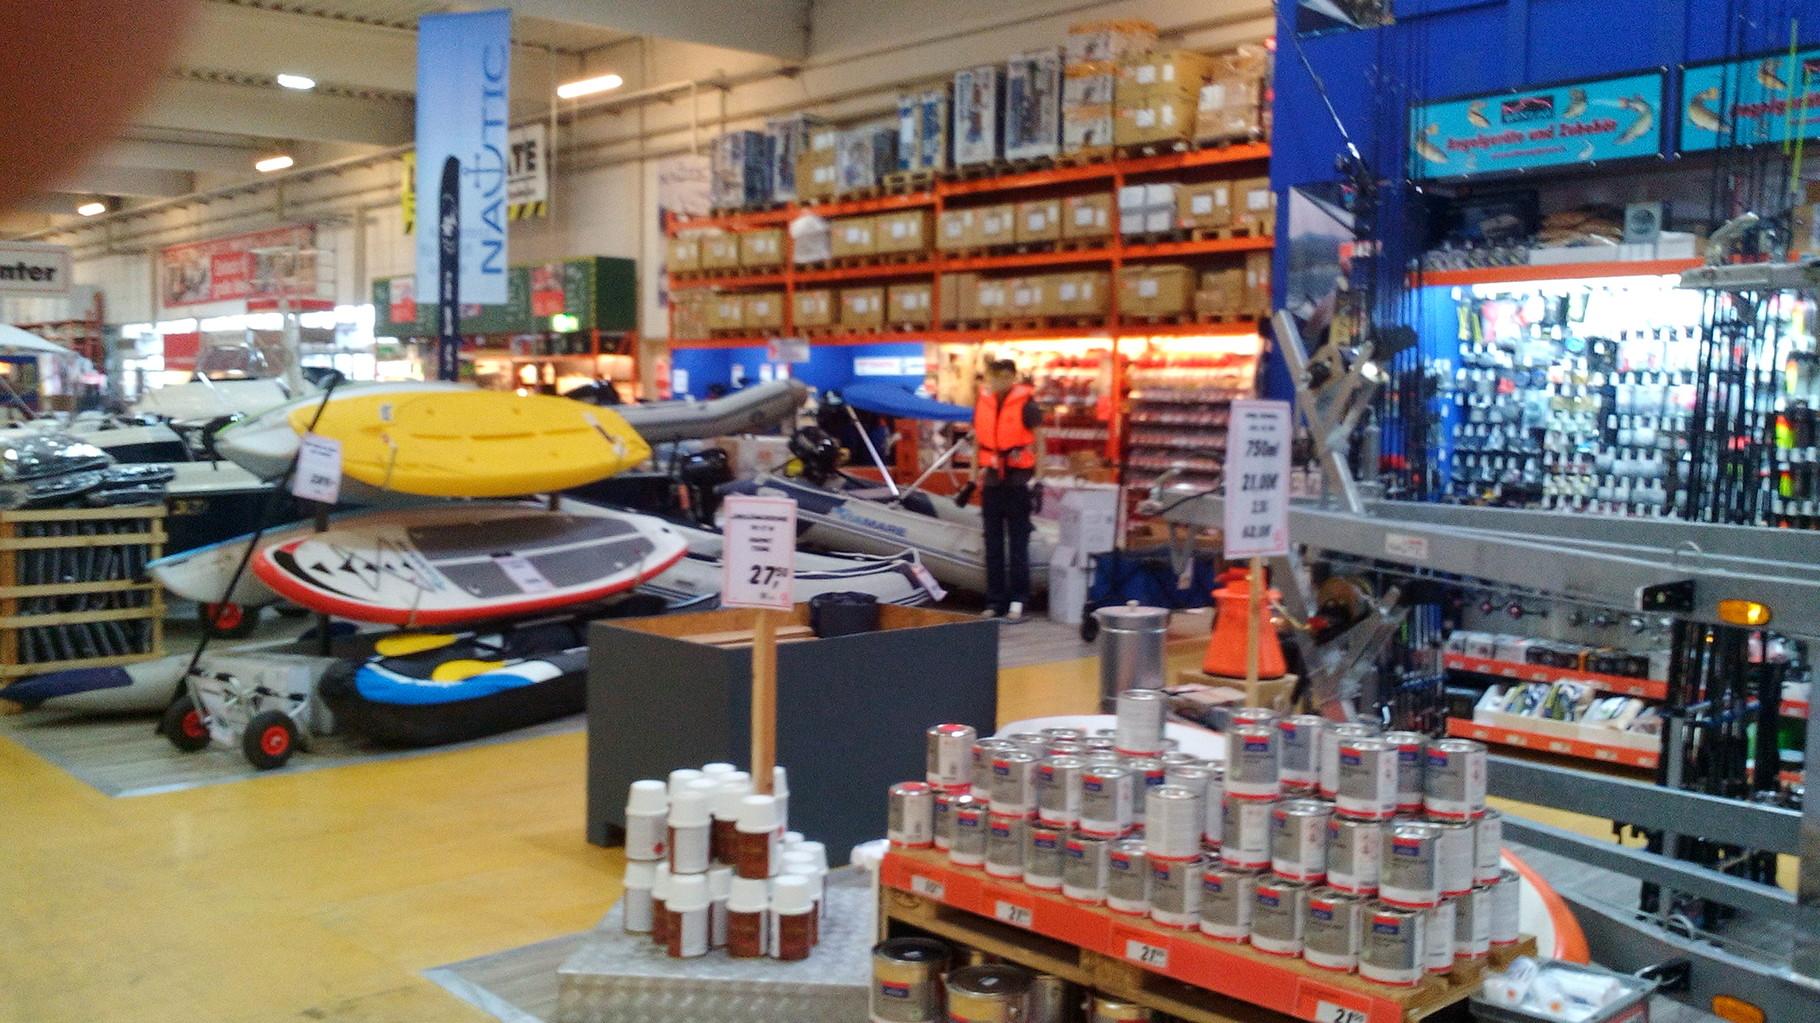 Der Baumarkt in Stralsund mit riiiiiiiiiieeesiger Auswahl an Bootszubehör und sogar Booten.